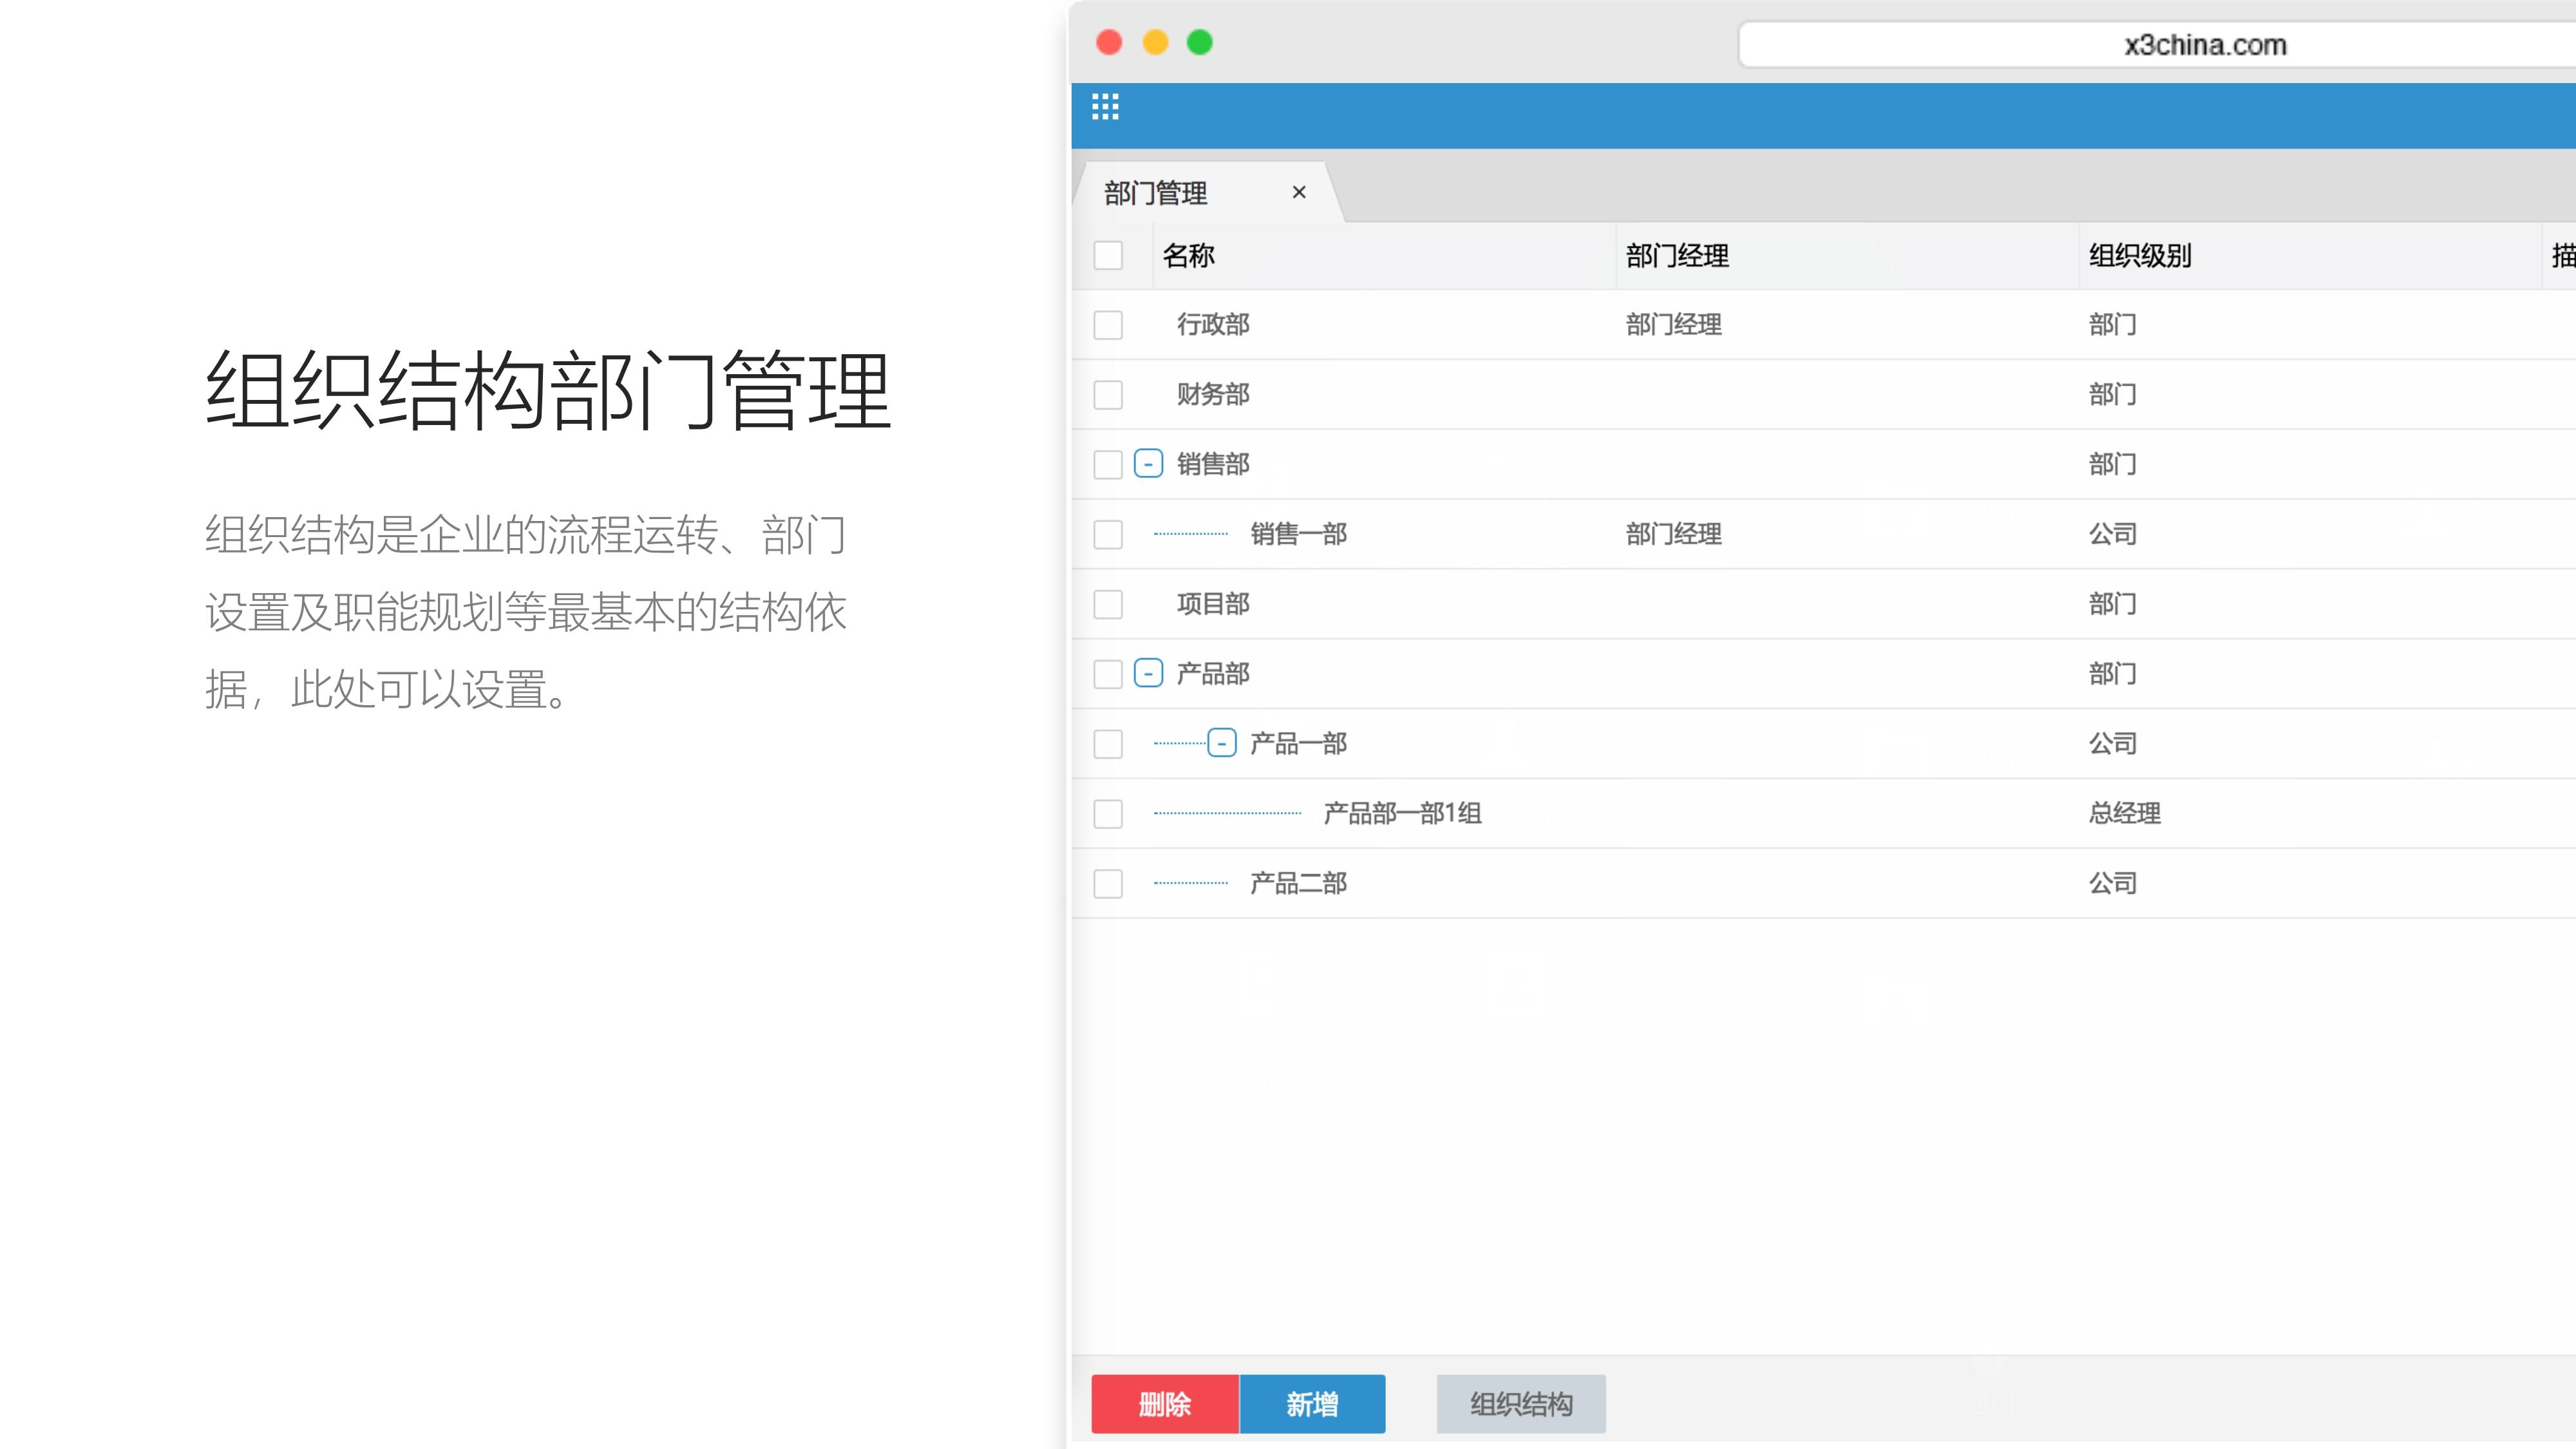 011809350146_0兴元财务管理报销软件_9.Jpeg